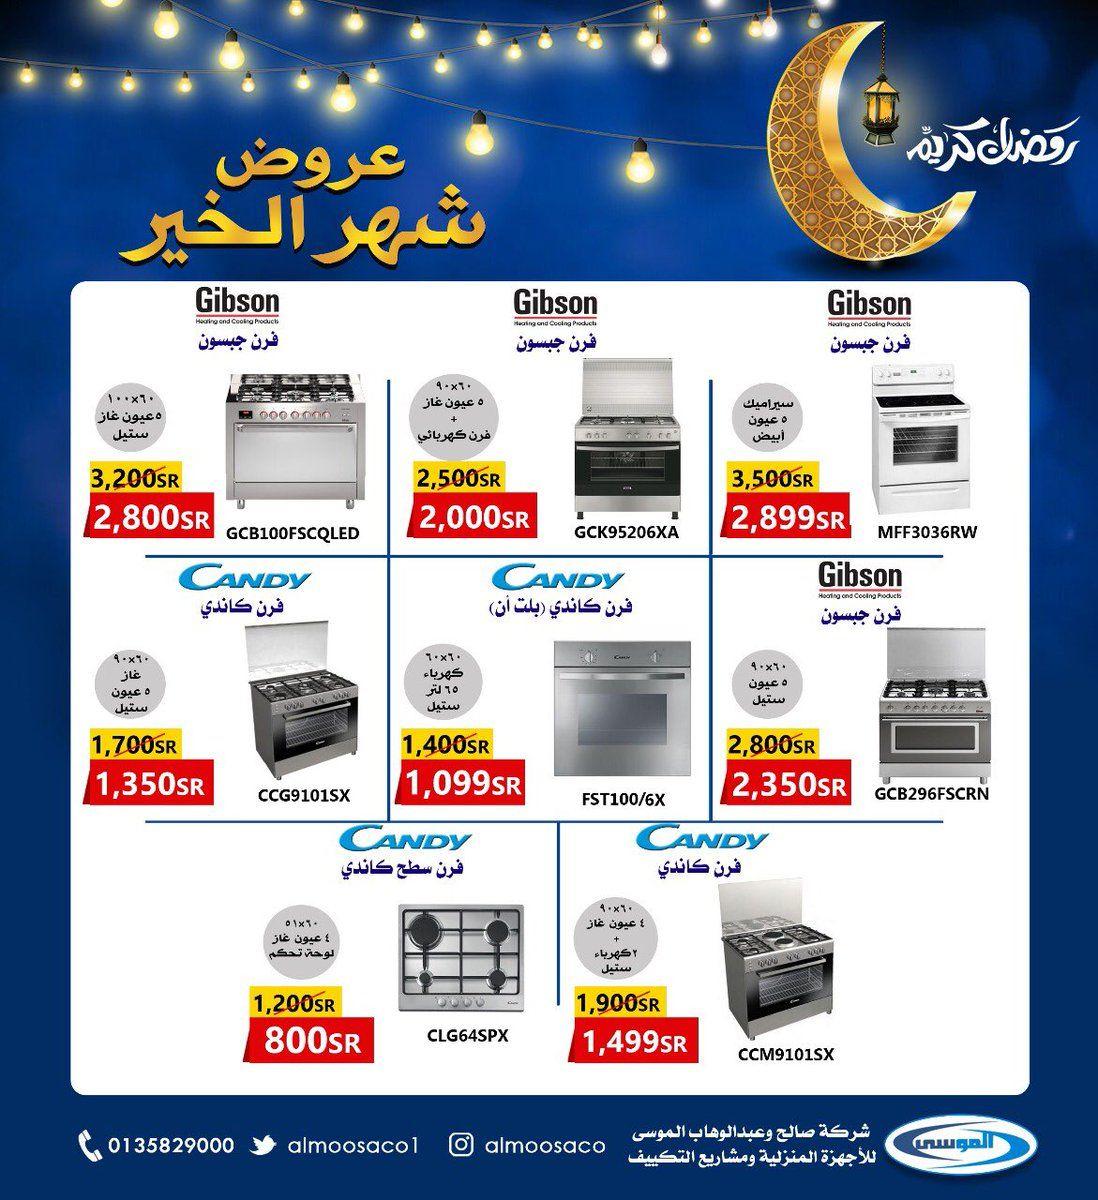 عروض الافران في شركة الموسى للاجهزة الاحد 4 رمضان 1439 عروض رمضان غييير عروض اليوم Ramadan Offer